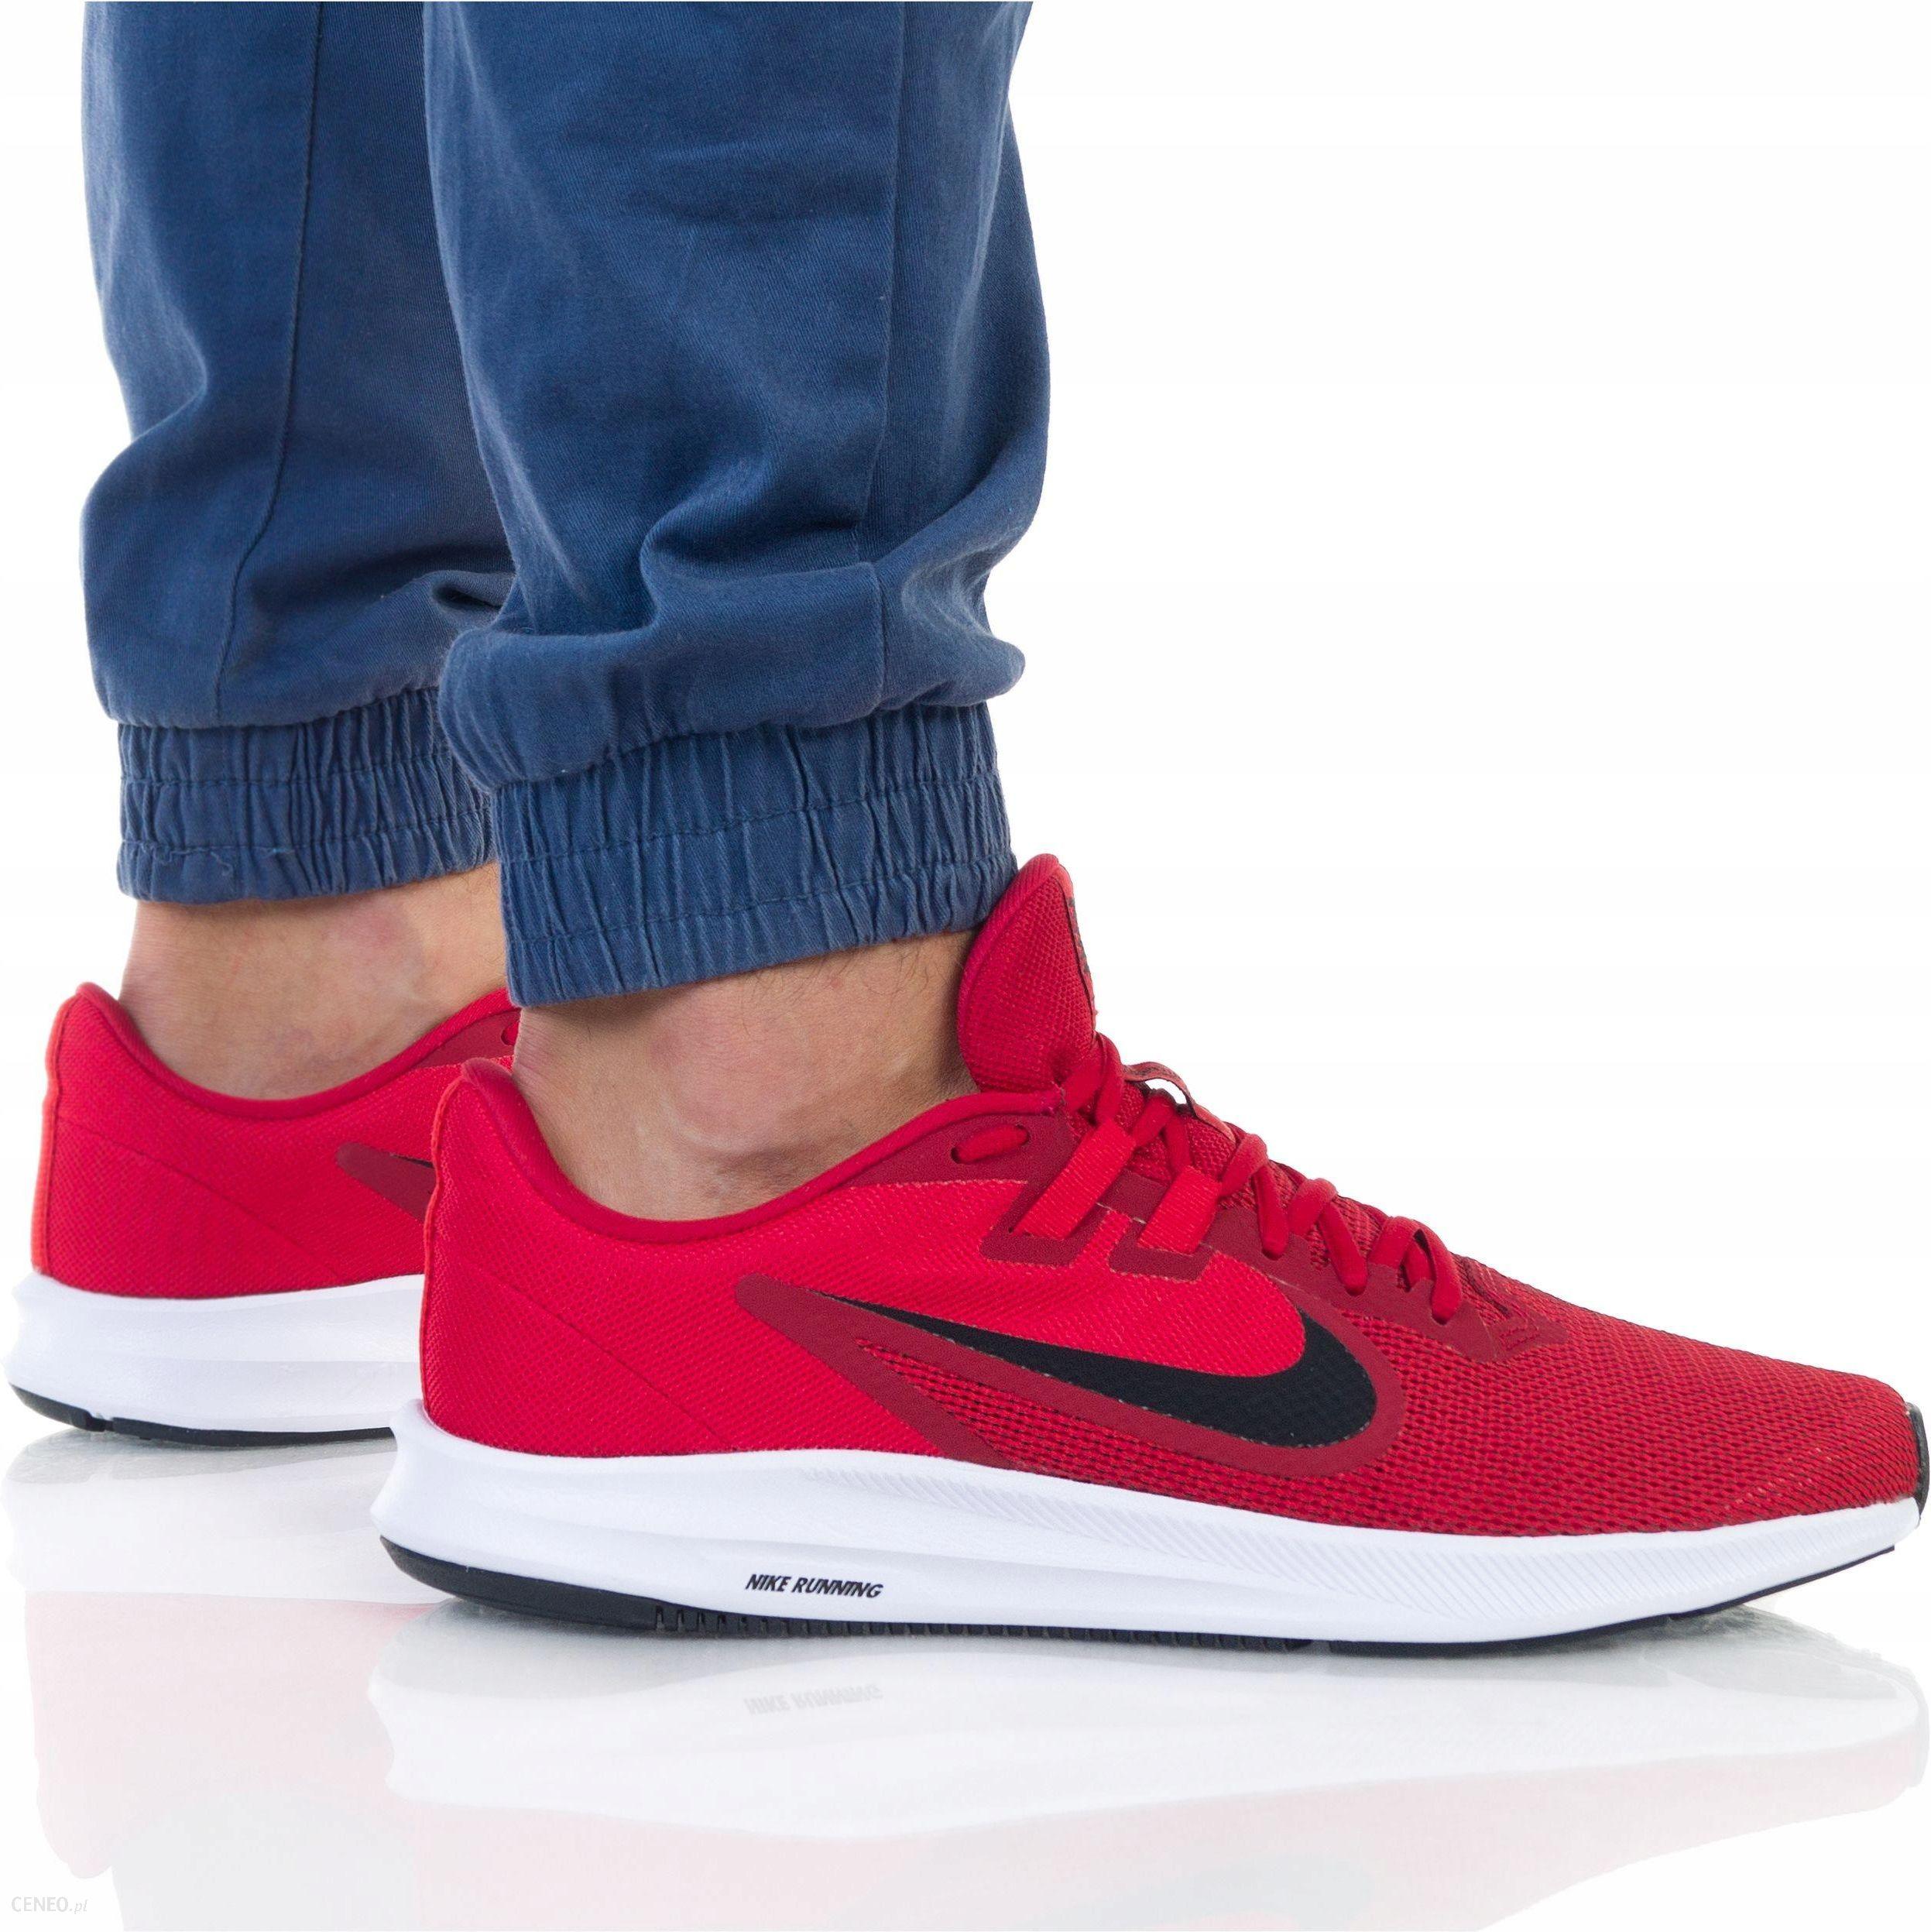 Moda Nike Czerwone Sneakersy Męskie Online